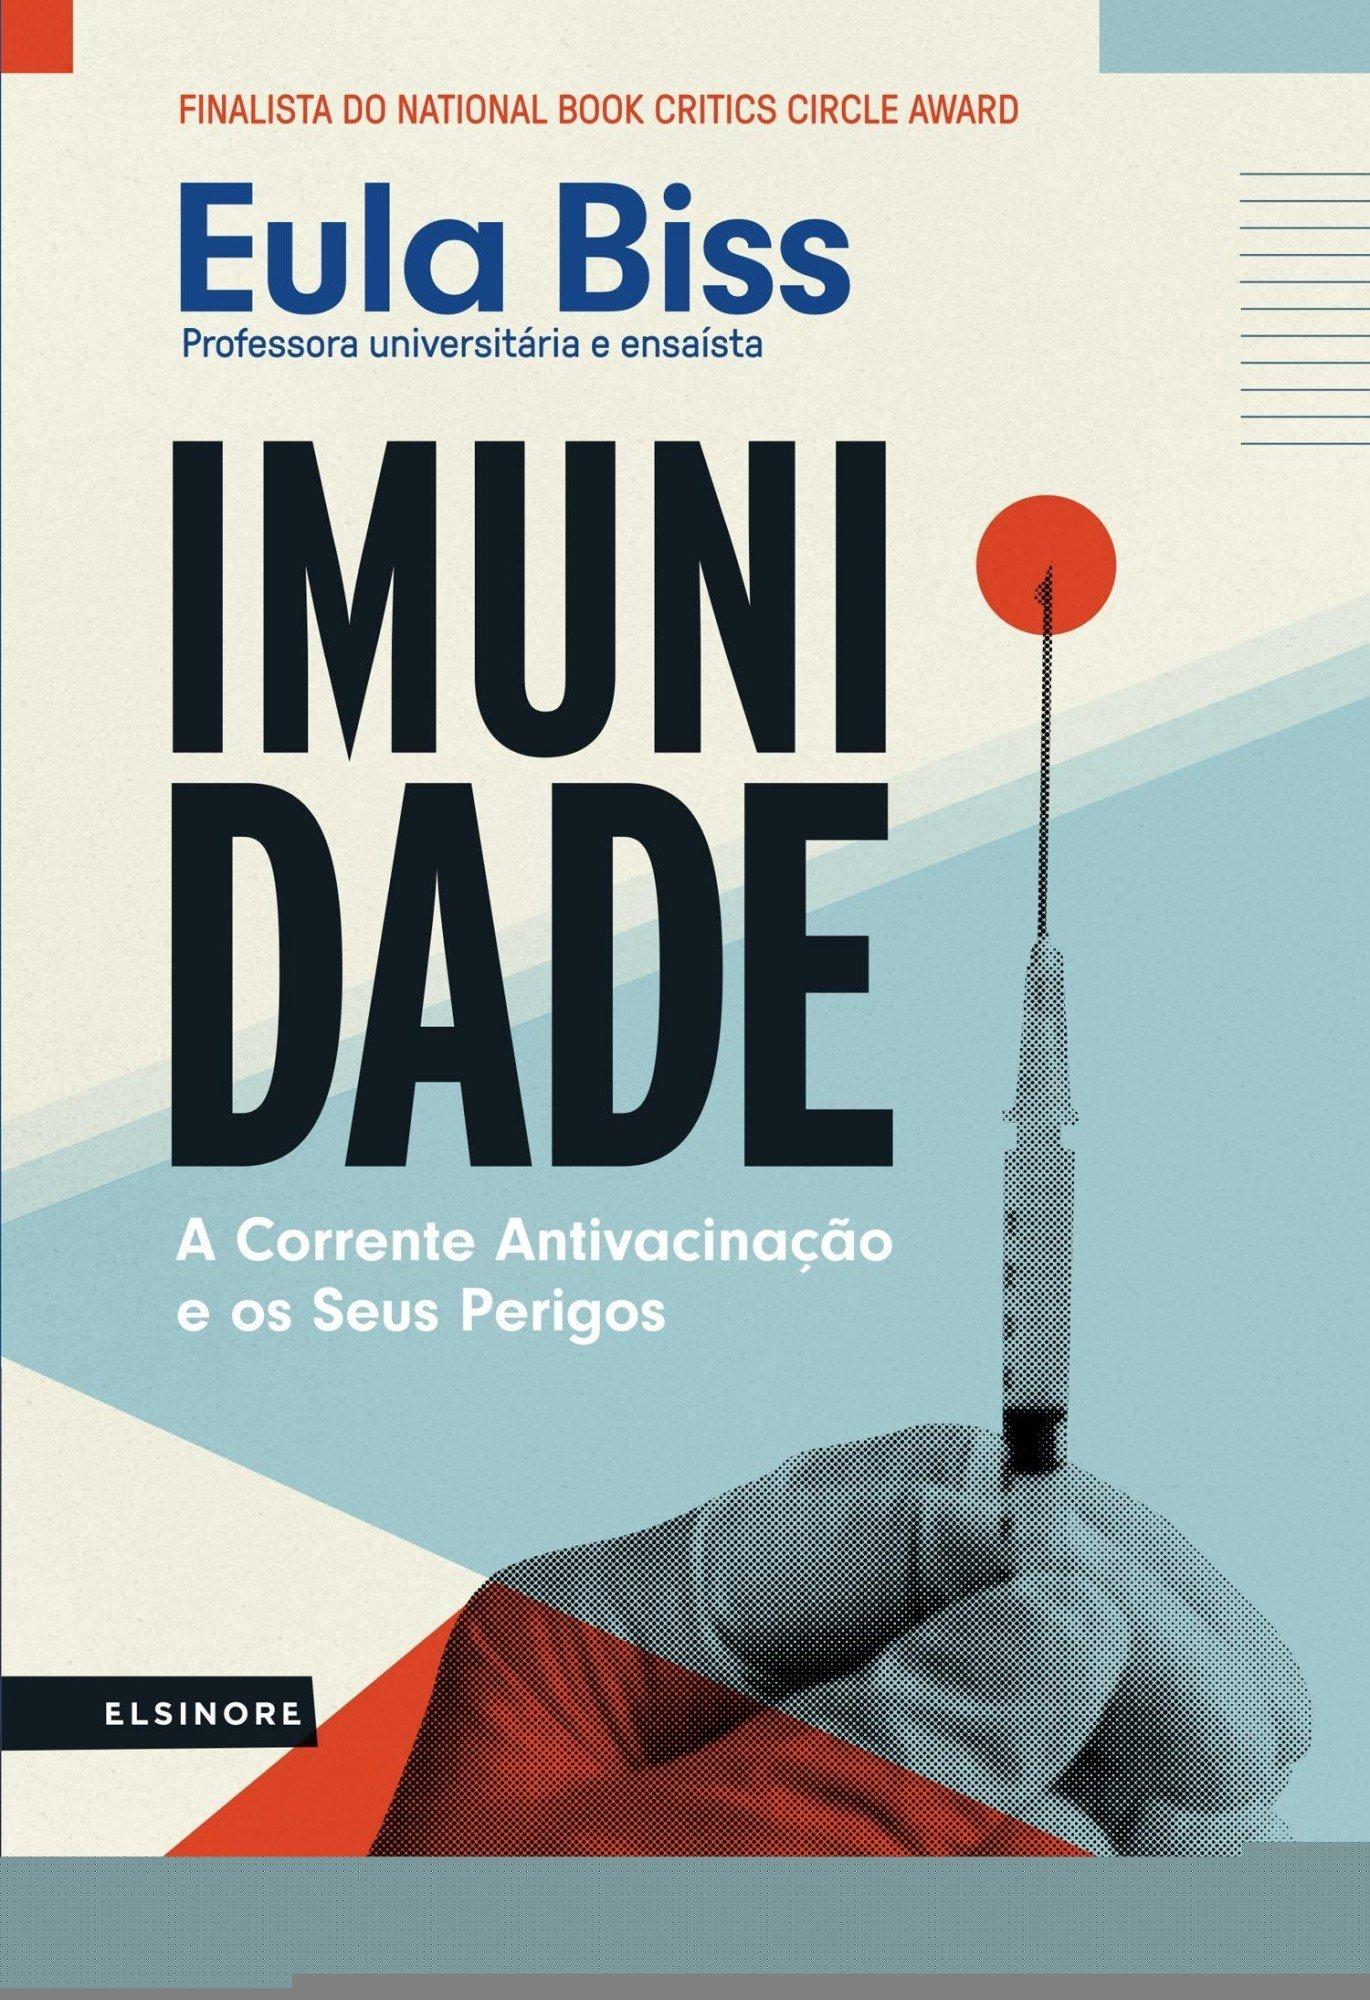 Imunidade frente-3